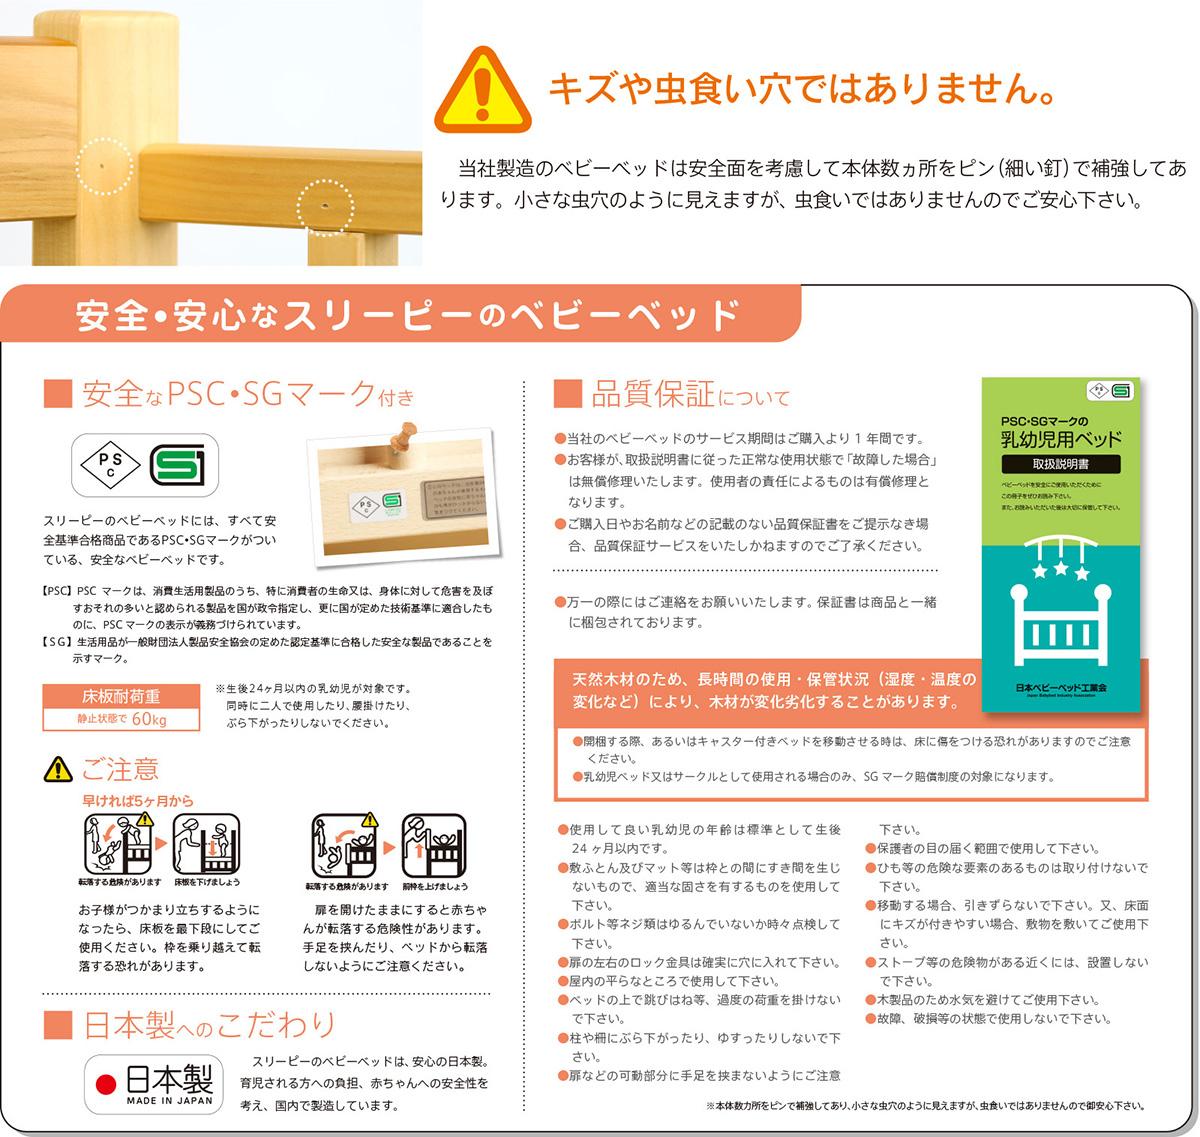 日本製 ベビーベッド 「NEWファンシーミニ + FICELLE ミニふとんセット」